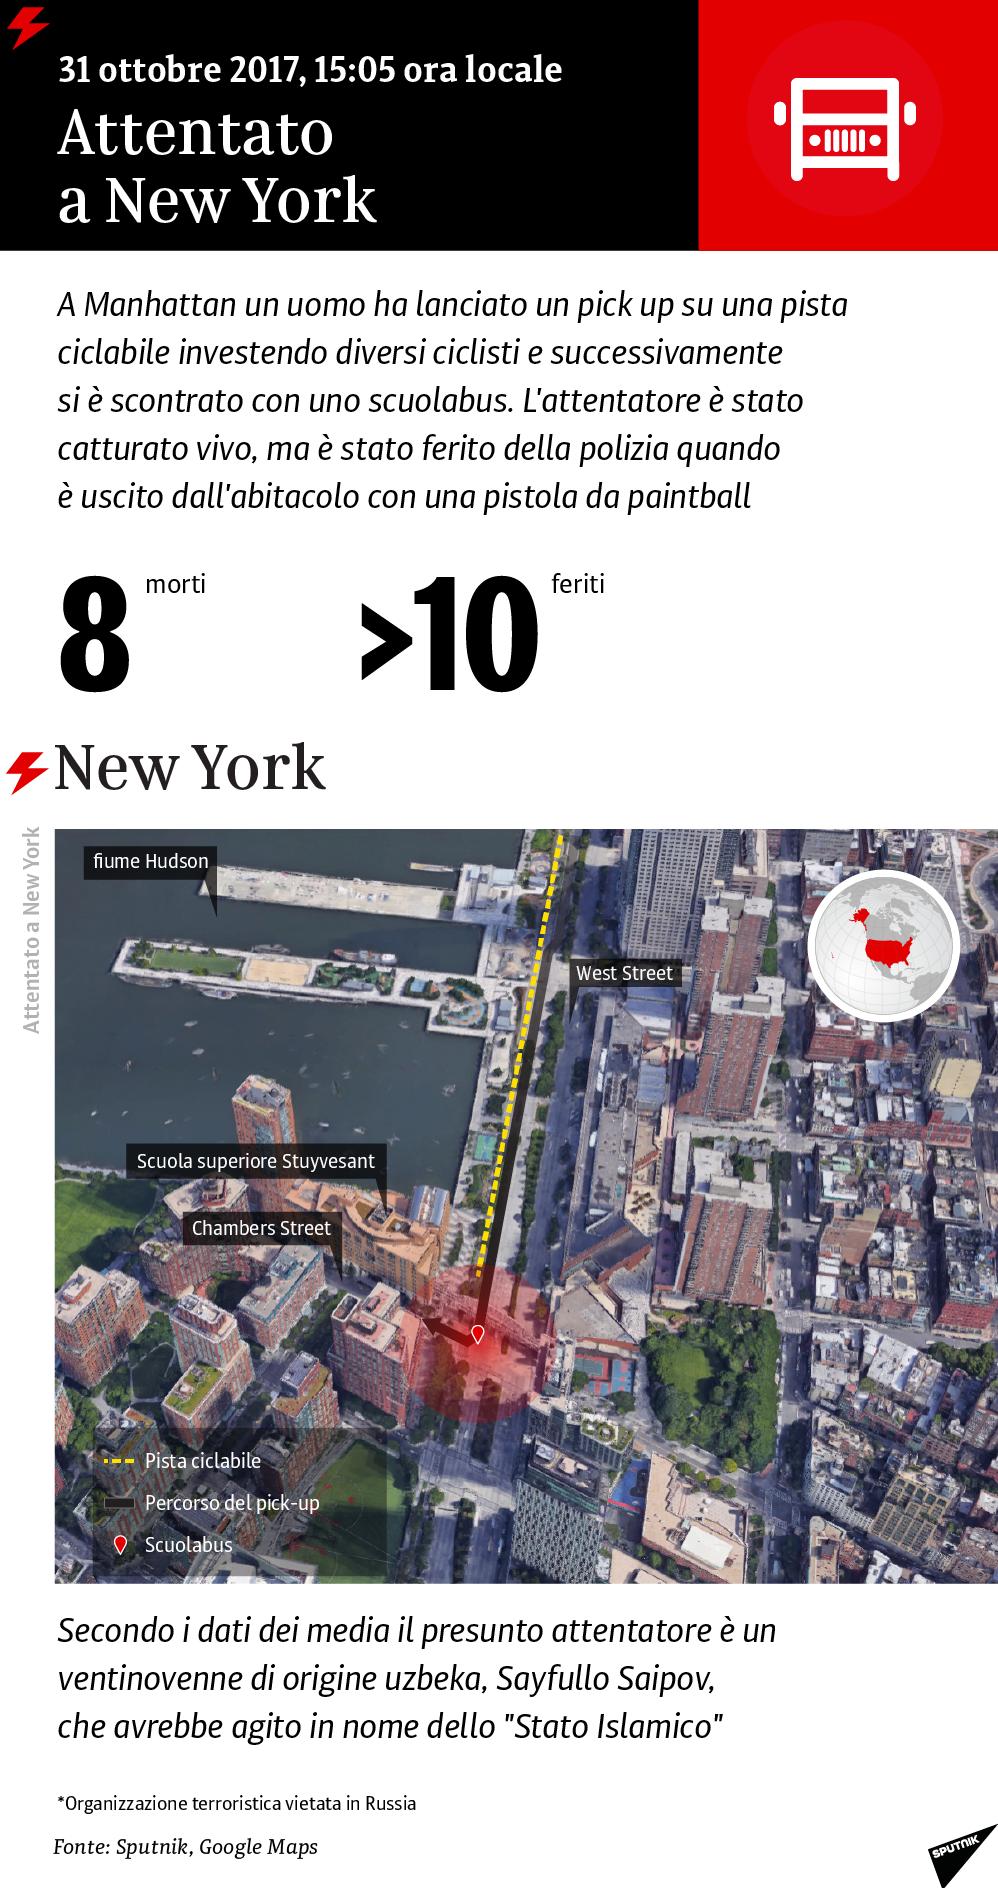 Attentato a New York, 31 ottobre 2017